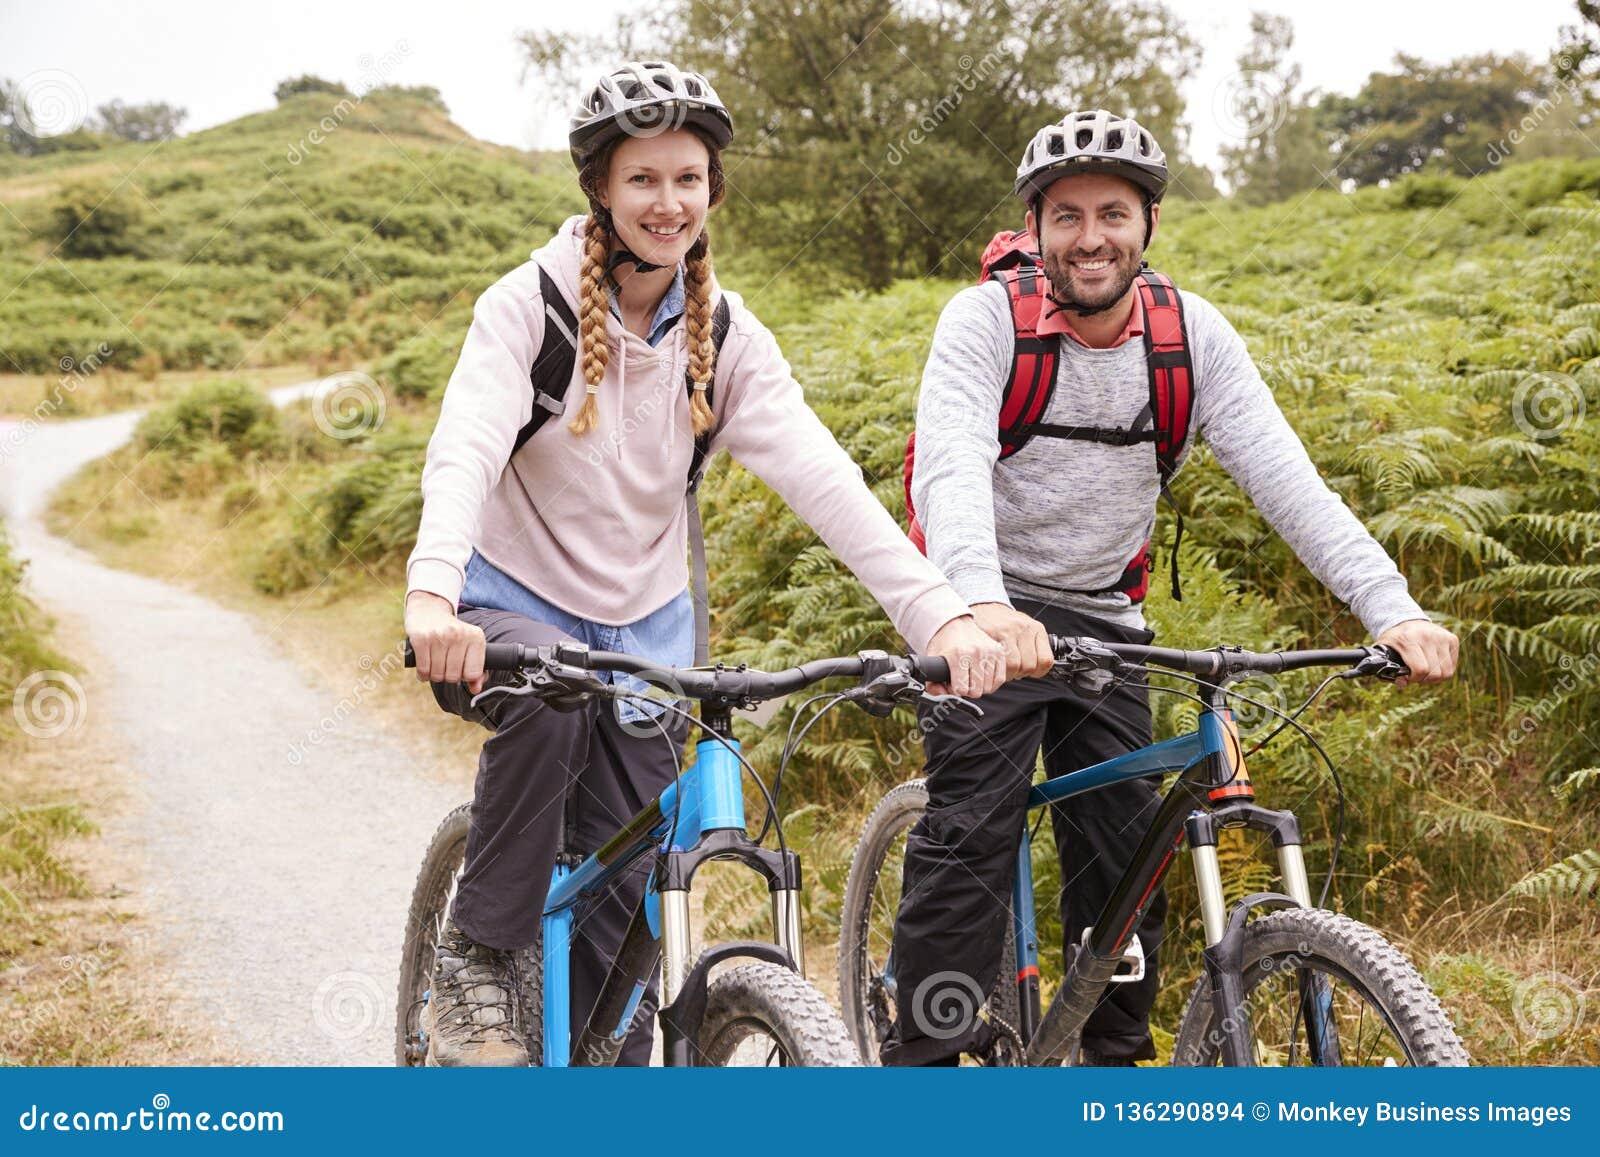 Jeunes couples adultes se reposant sur des vélos de montagne dans une ruelle de pays pendant des vacances campantes, fin